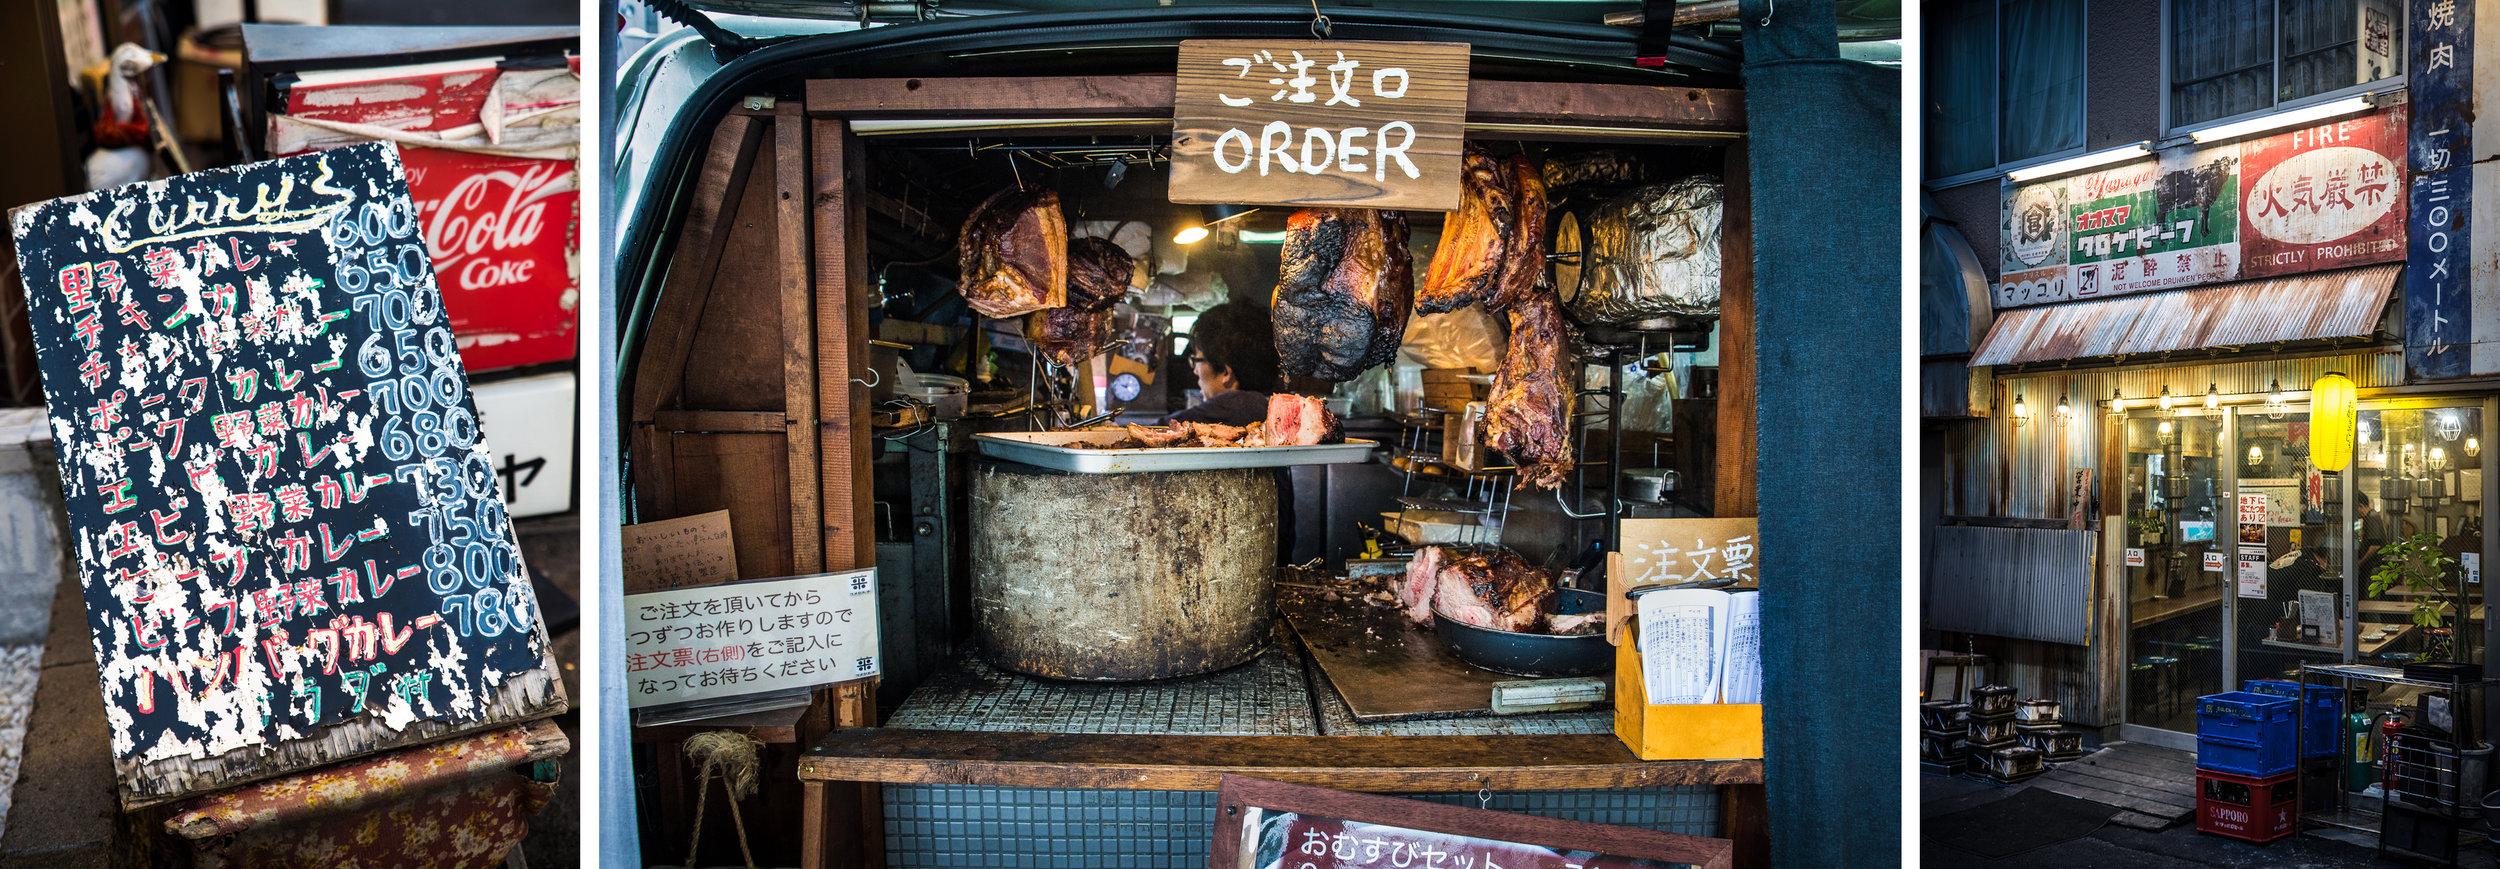 Eron Rauch - Tokyo Food.jpg